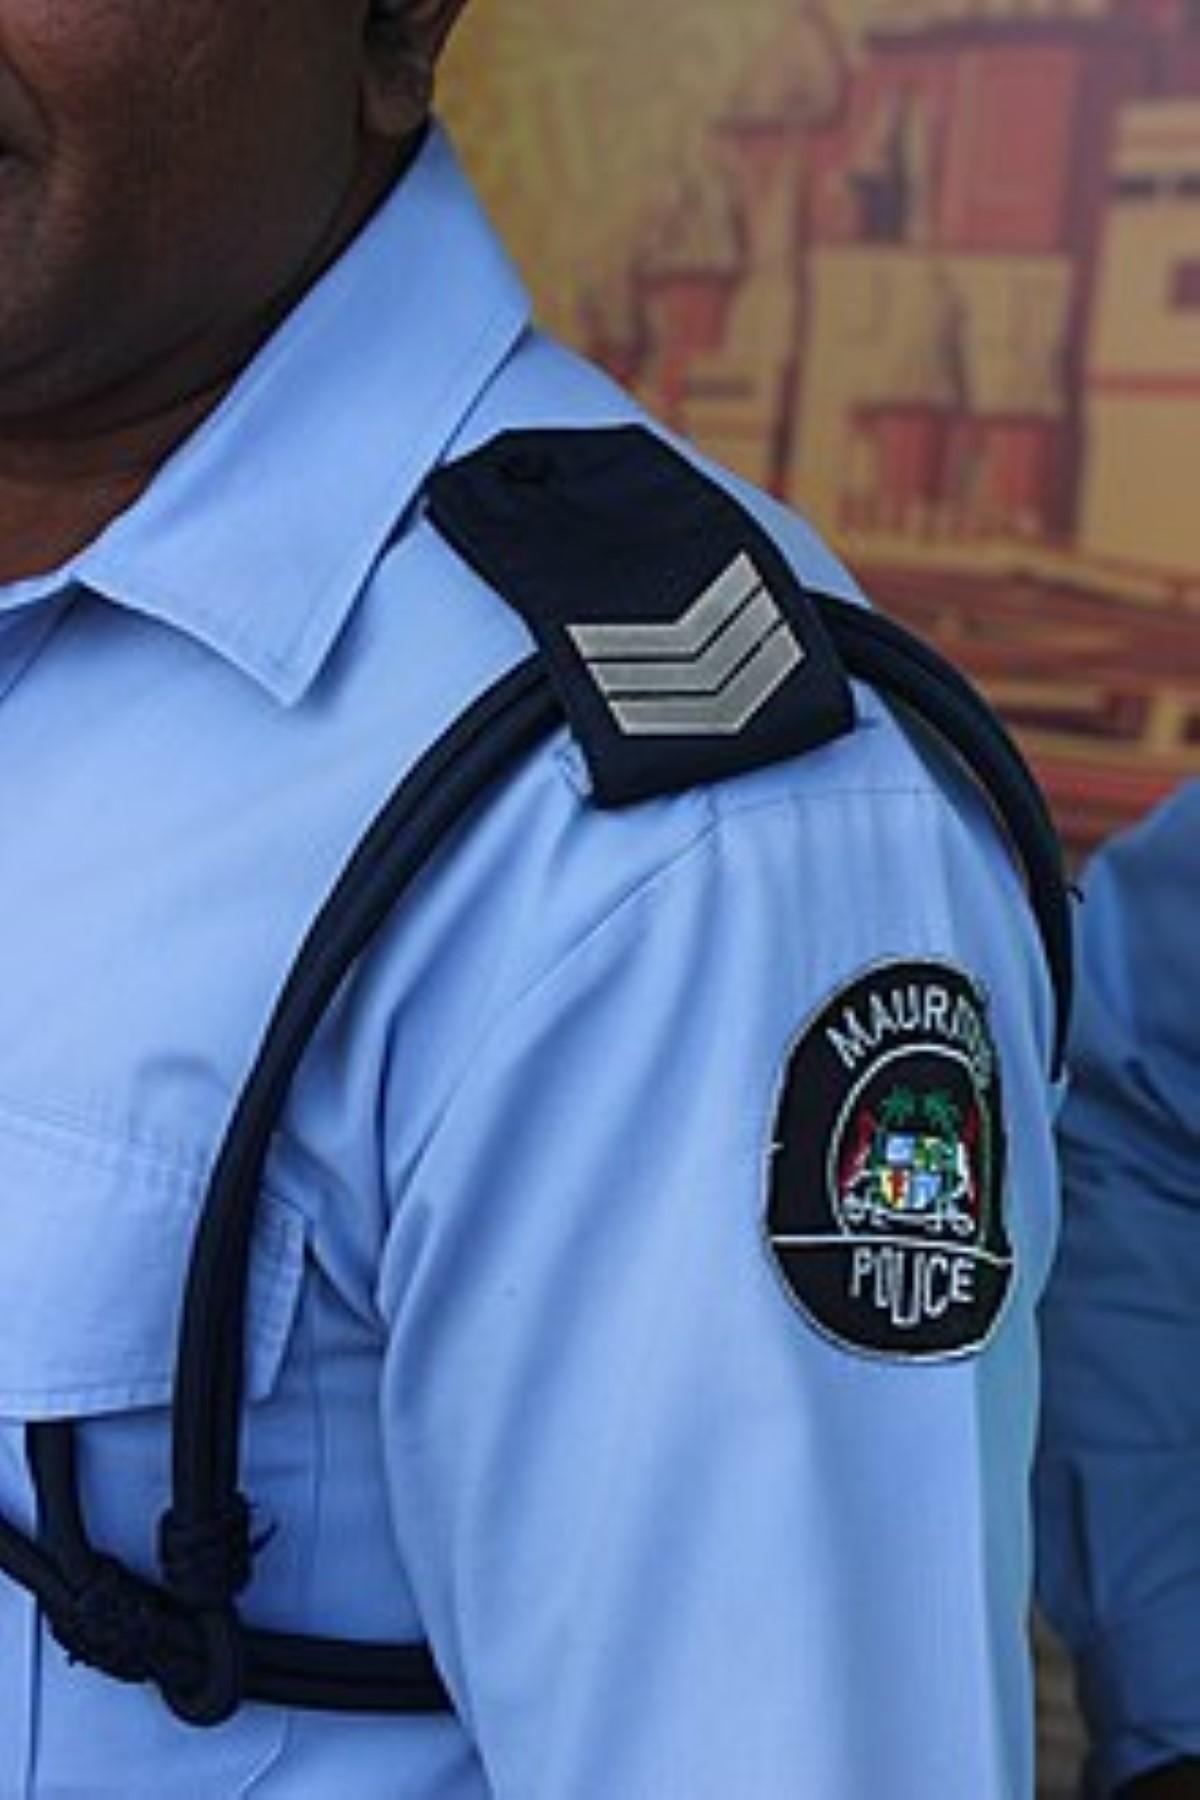 Un policer porte plainte pour extorsion contre l'époux de sa maîtresse